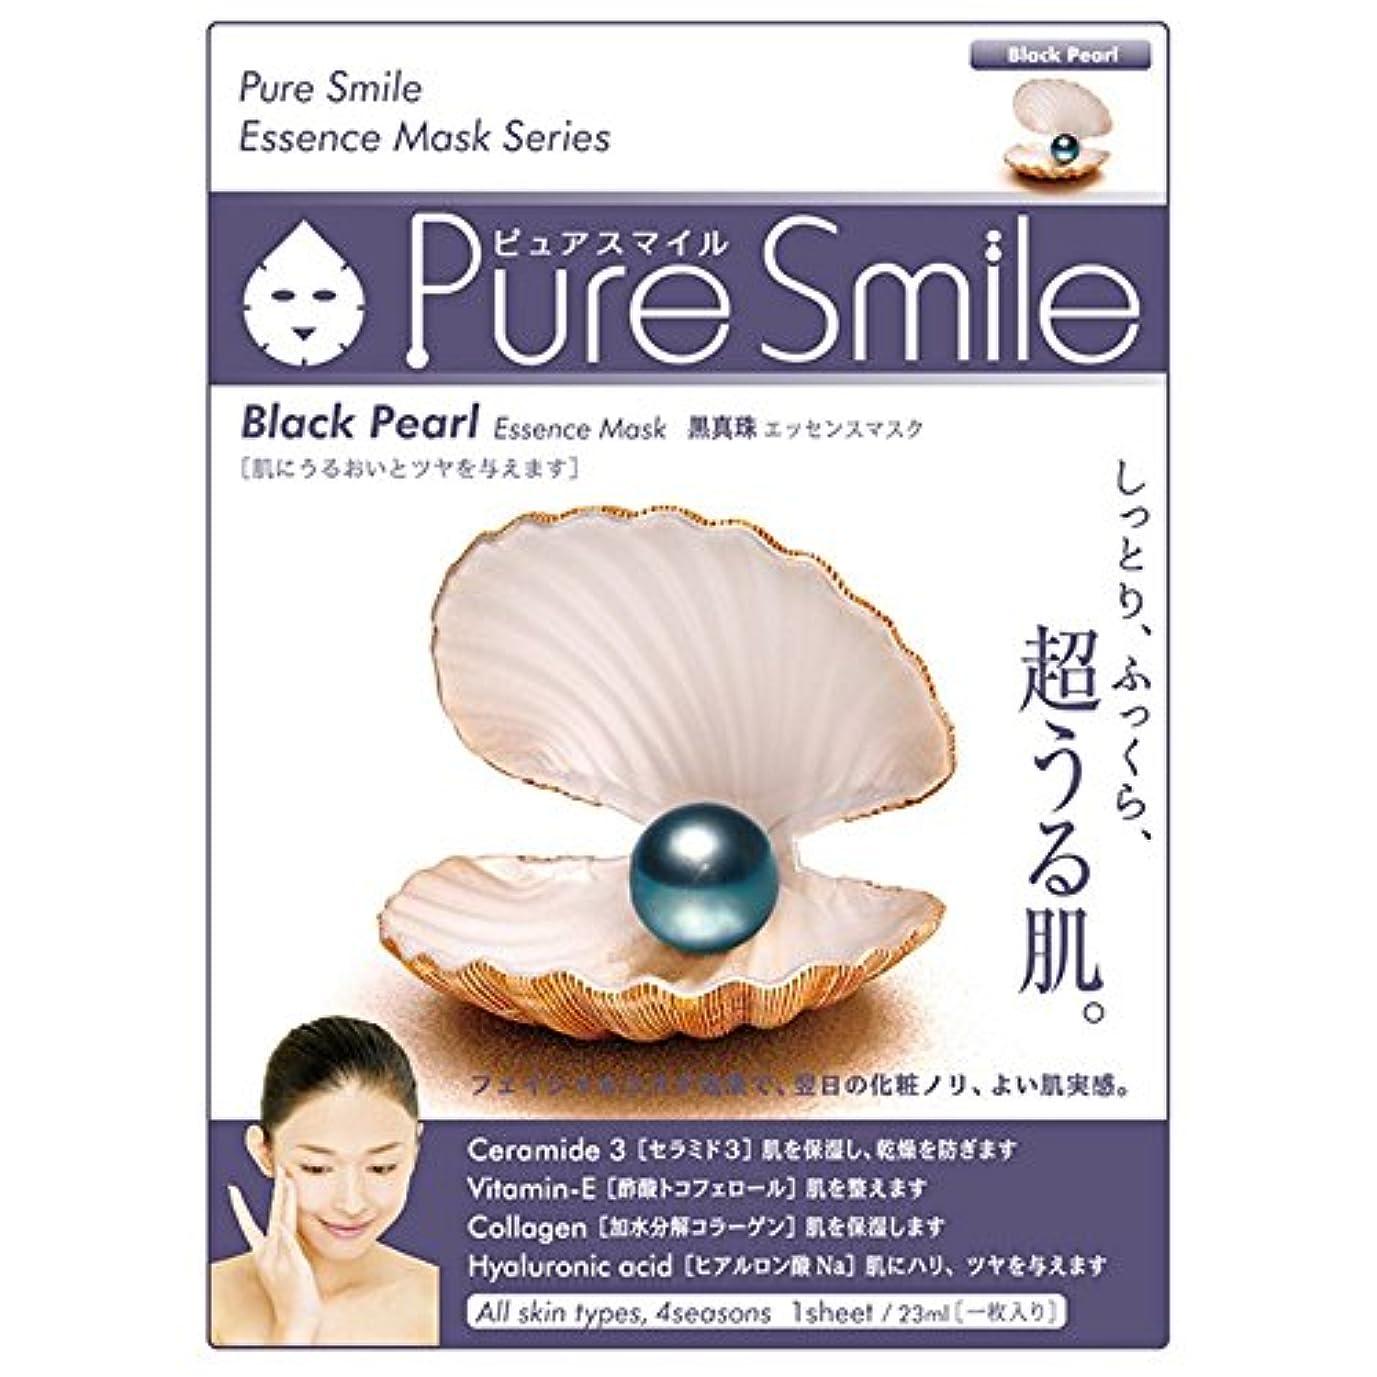 資源除外する疑いPure Smile(ピュアスマイル) 乳液エッセンスマスク 1 枚 黒真珠